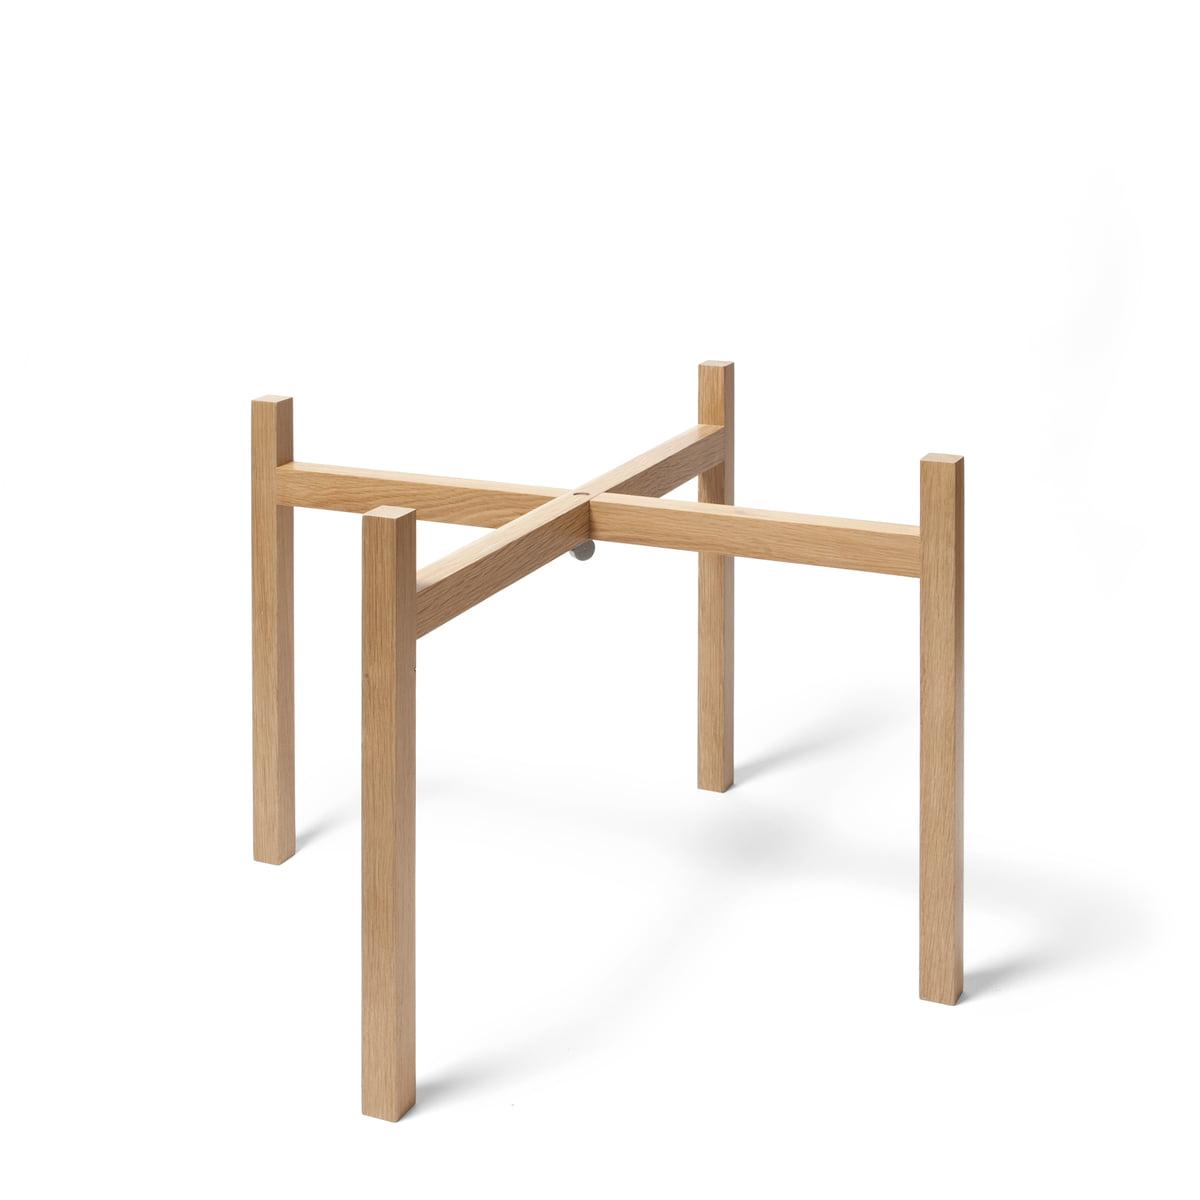 Tablo Beistelltisch Design House Stockholm